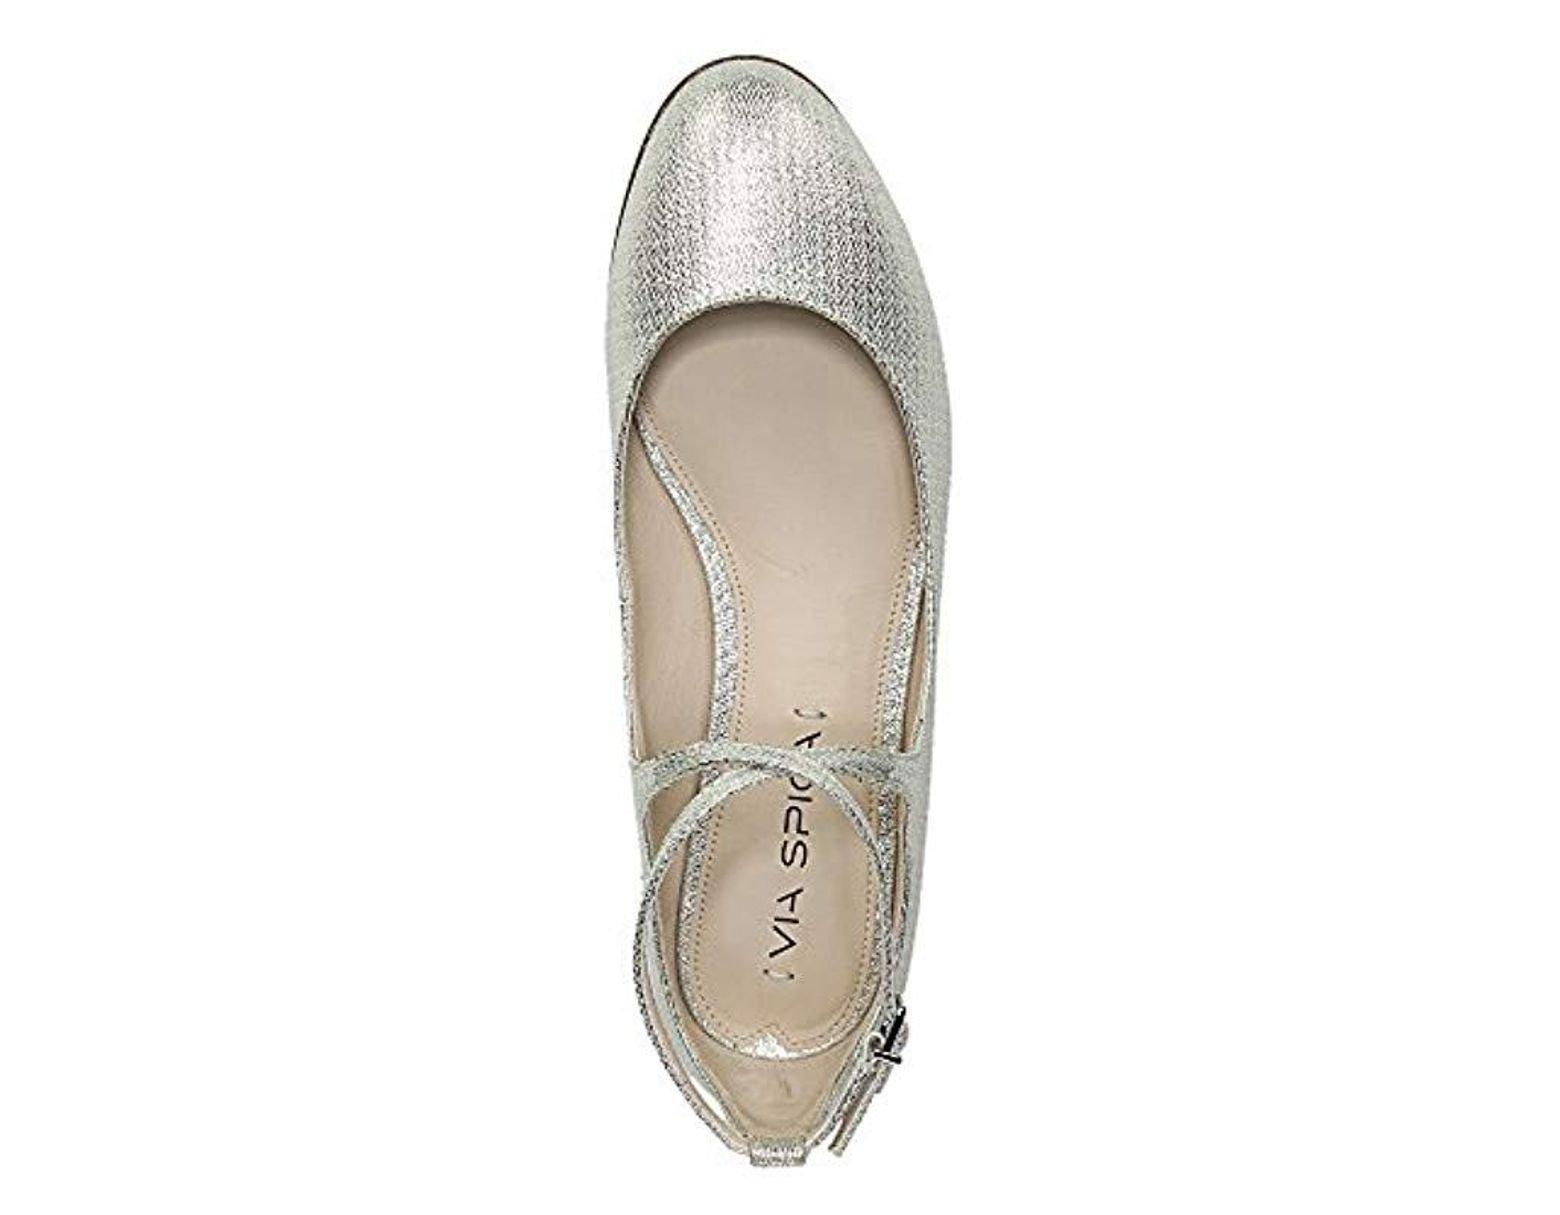 fe61d6d7404a4 Women's Yovela Ballet Flat